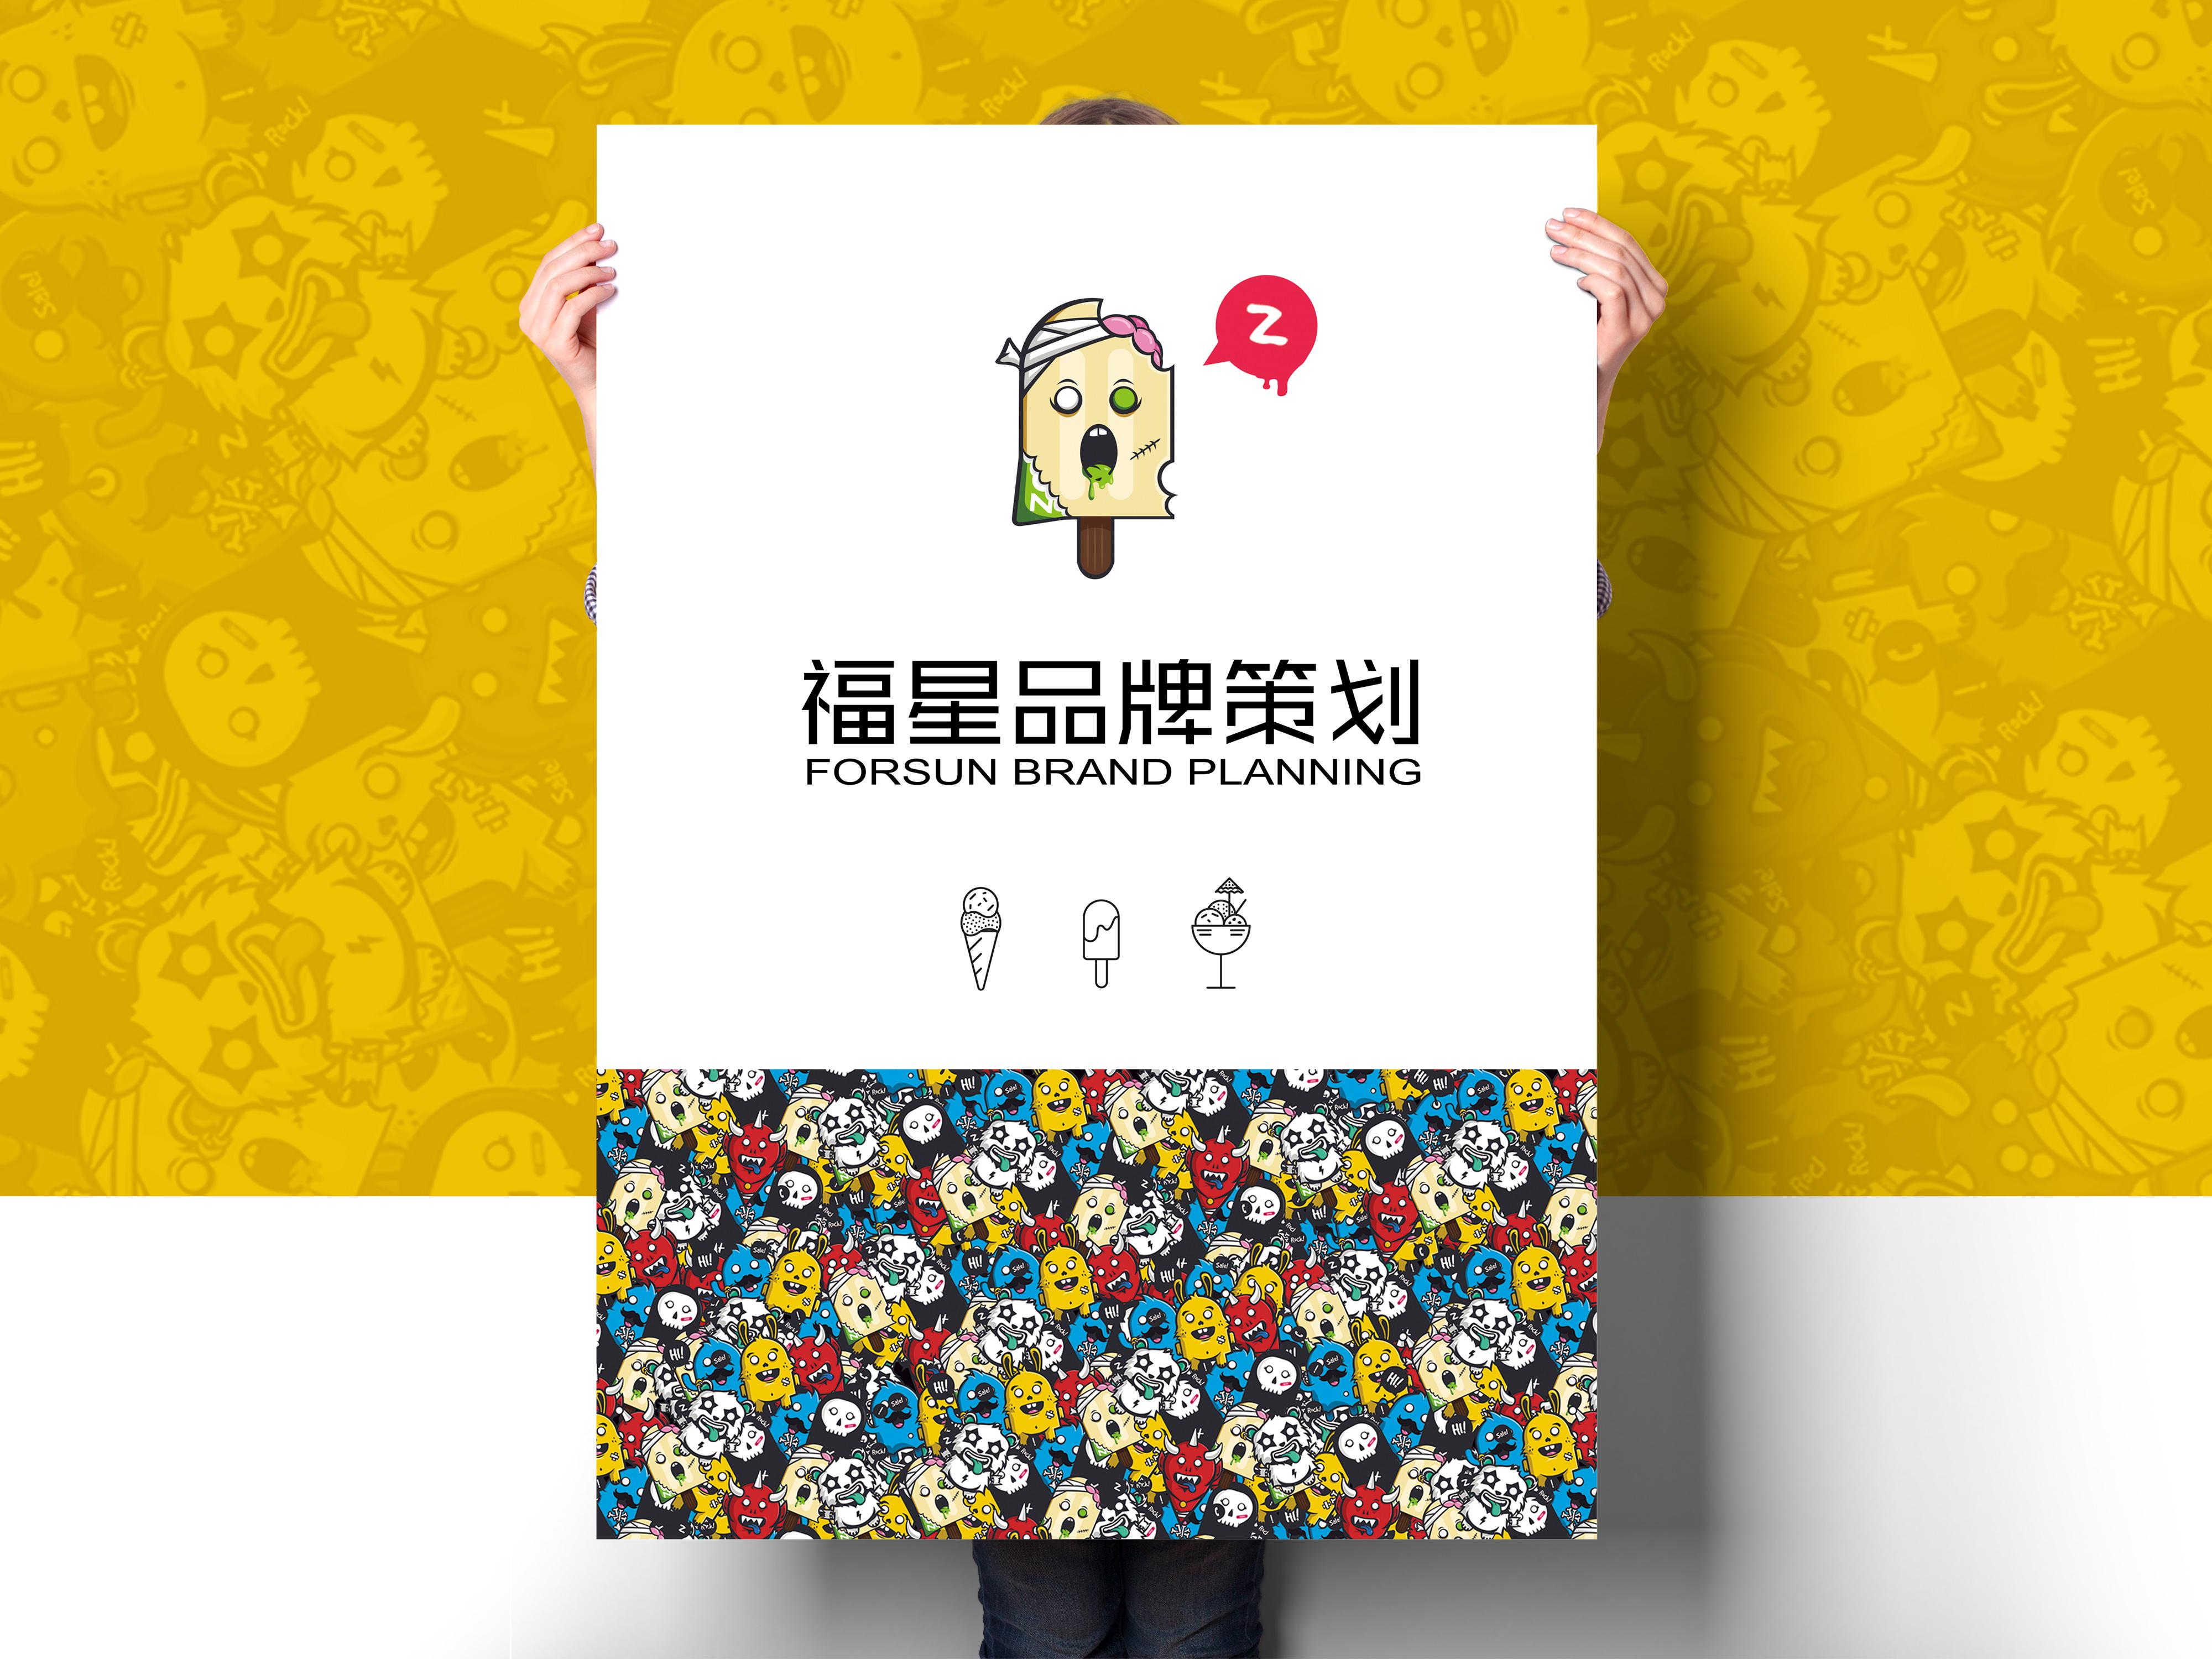 _起名取名品牌商标店铺公司建材APP保健品零食奶茶家具起名字31